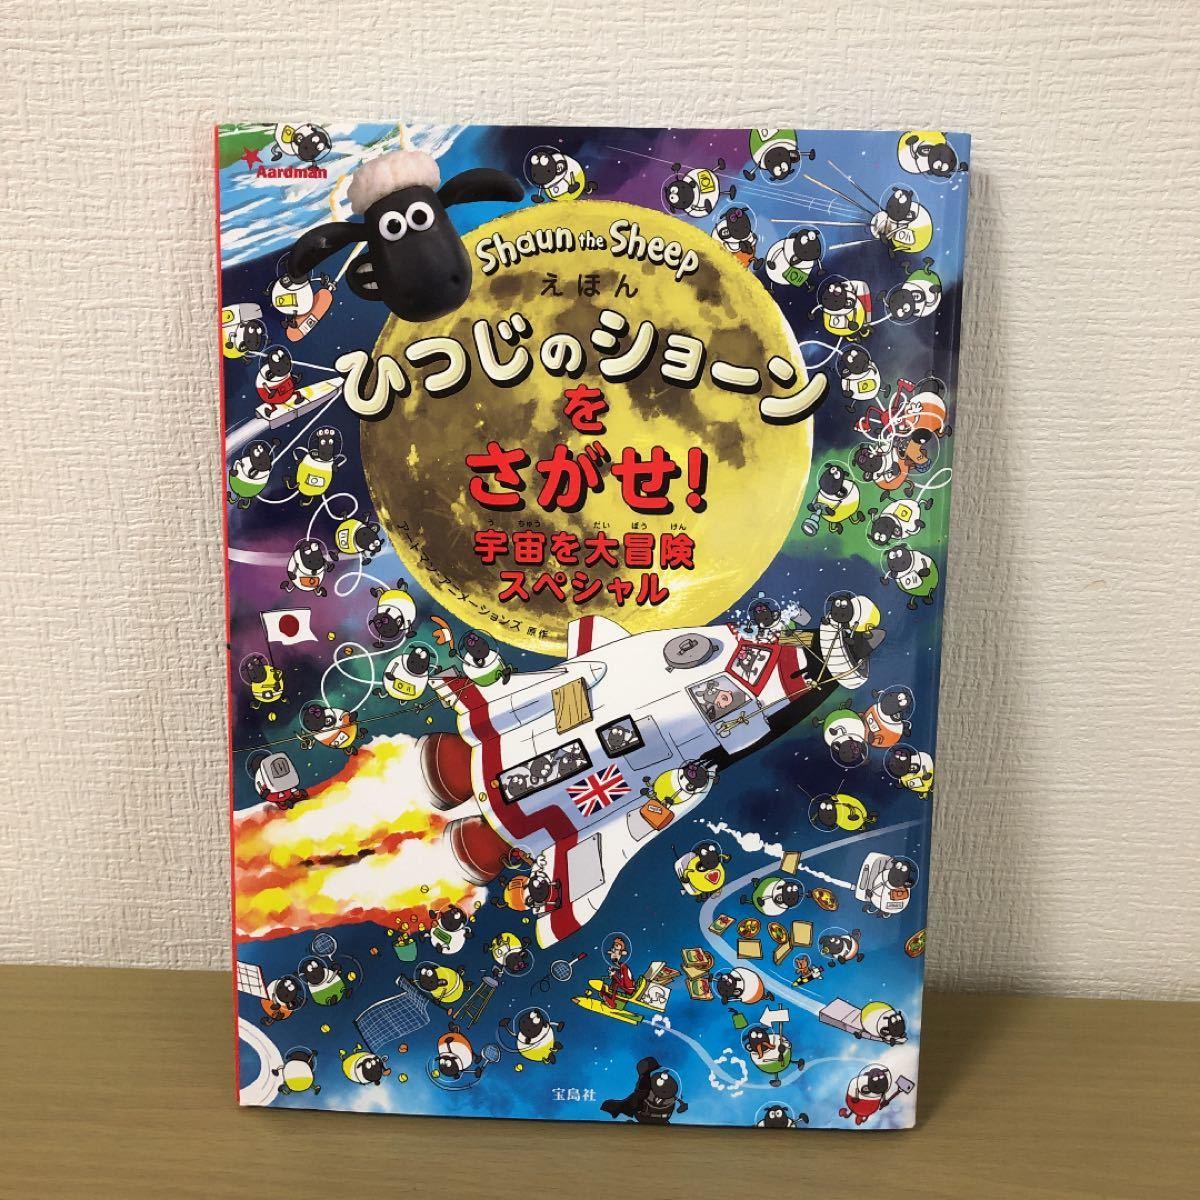 えほんひつじのショーンをさがせ! 宇宙を大冒険スペシャル/アードマンアニメーションズ ひつじのショーン